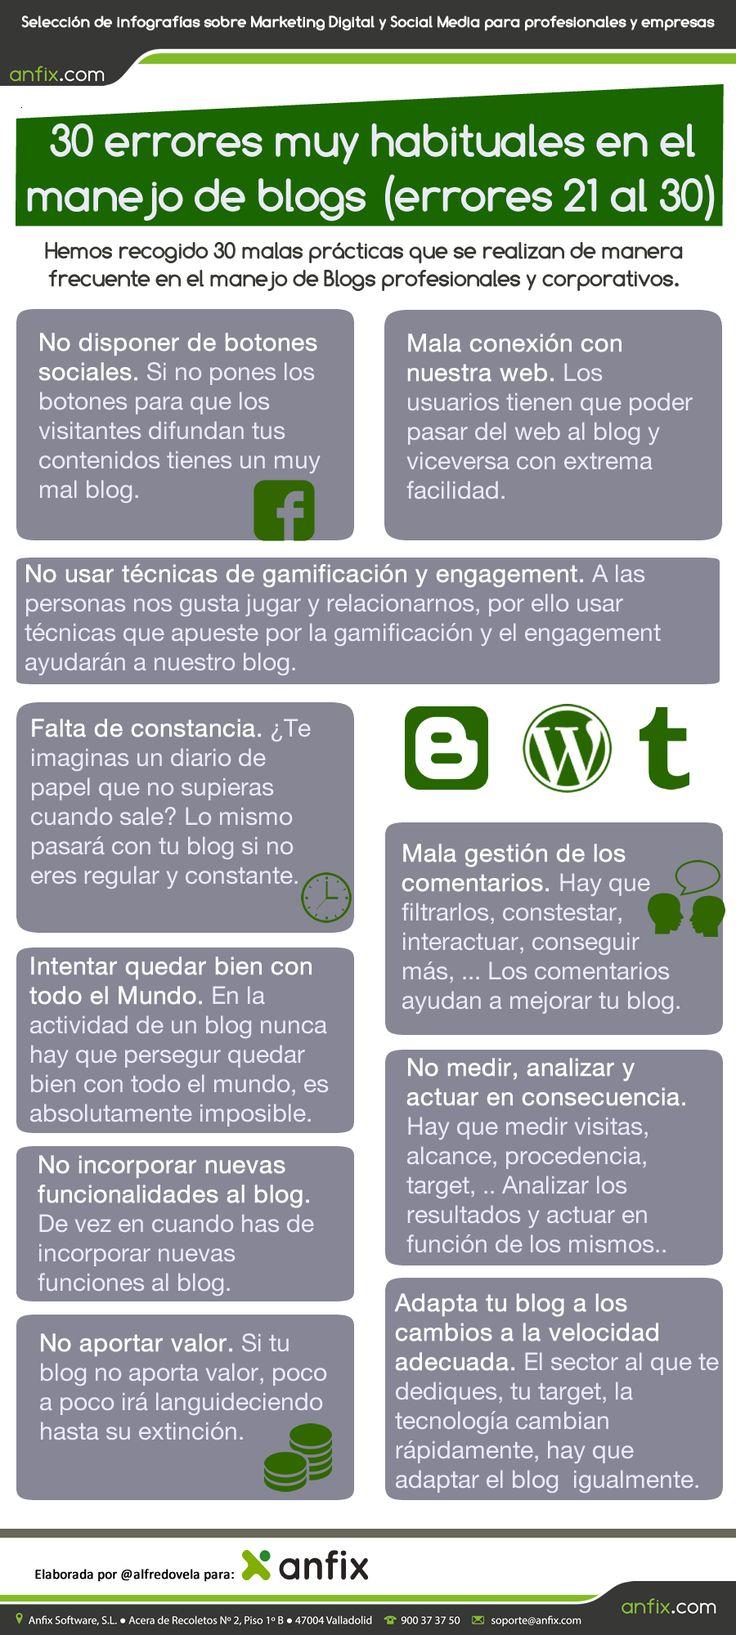 30 errores muy habituales en el manejo de blogs (errores 21 al 30) [Infografía] - anfix.tv